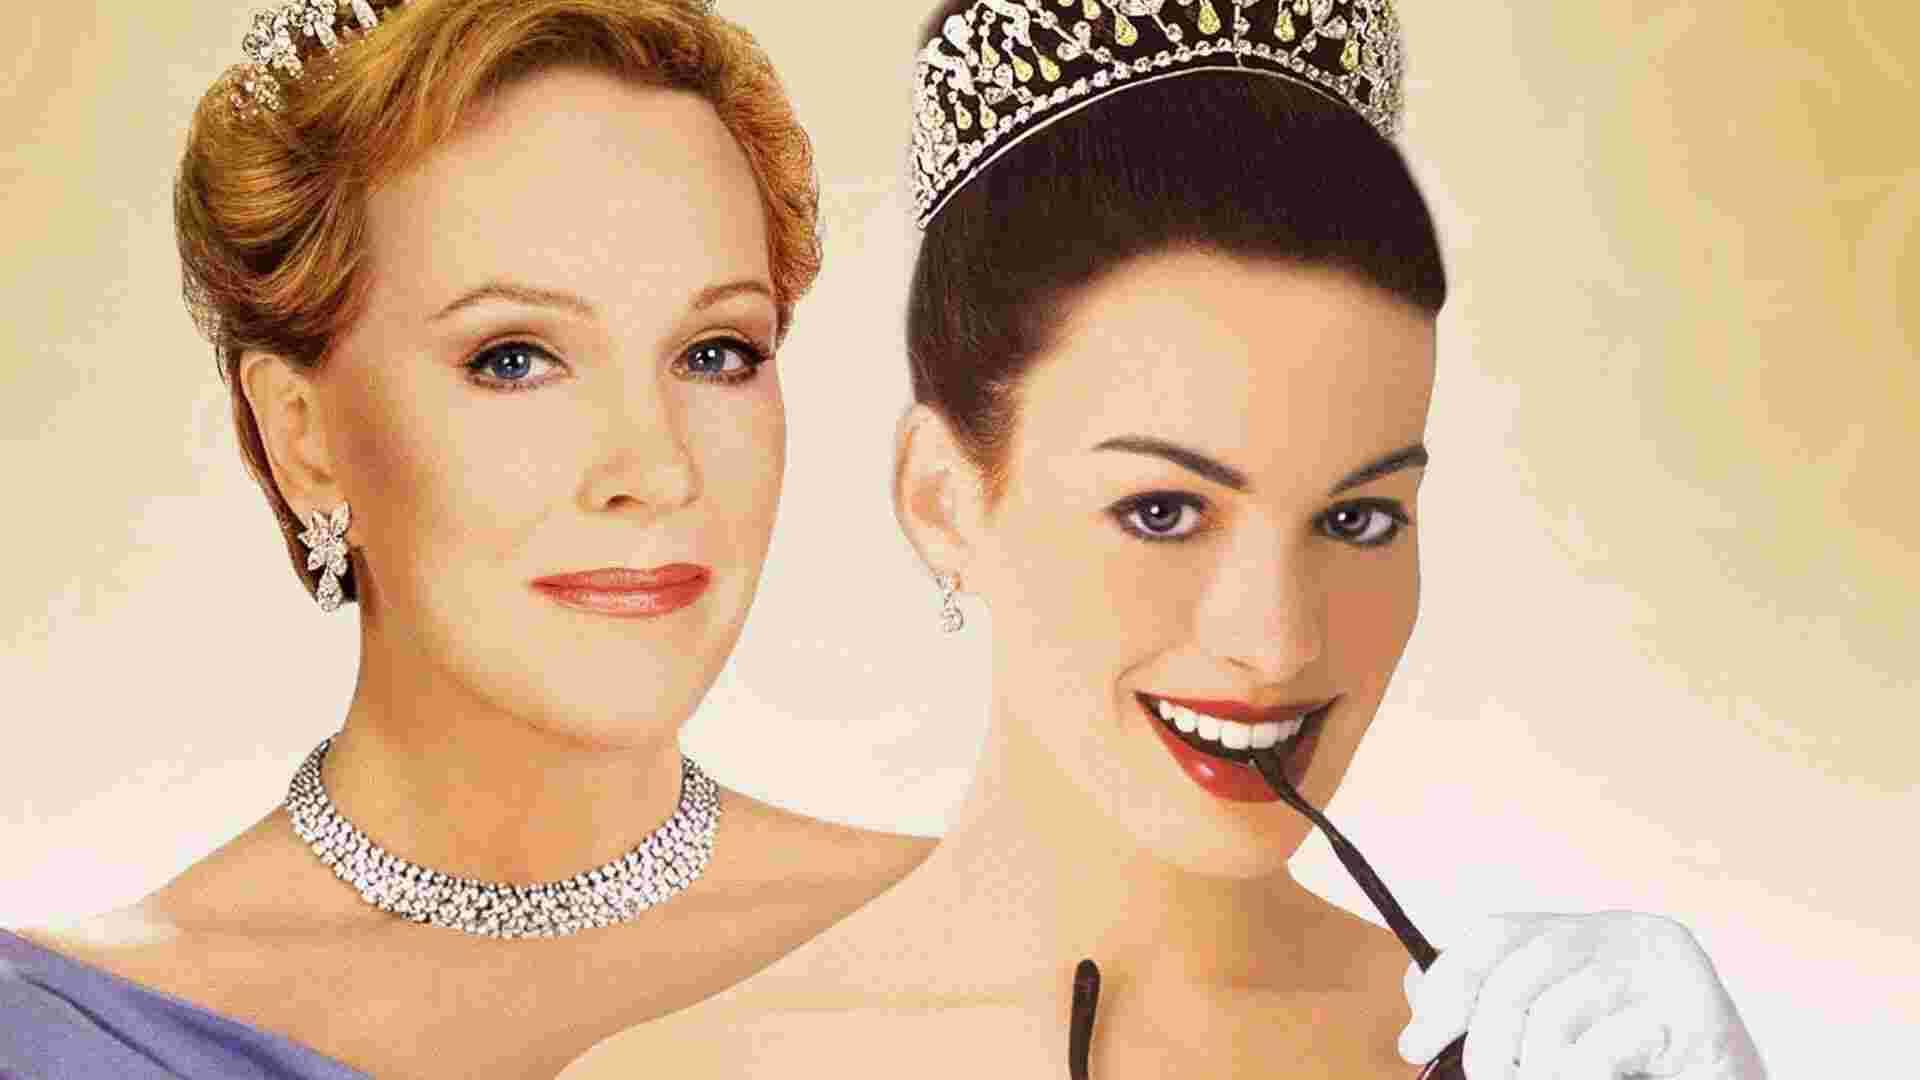 Fecha de lanzamiento de Princess Diaries 3